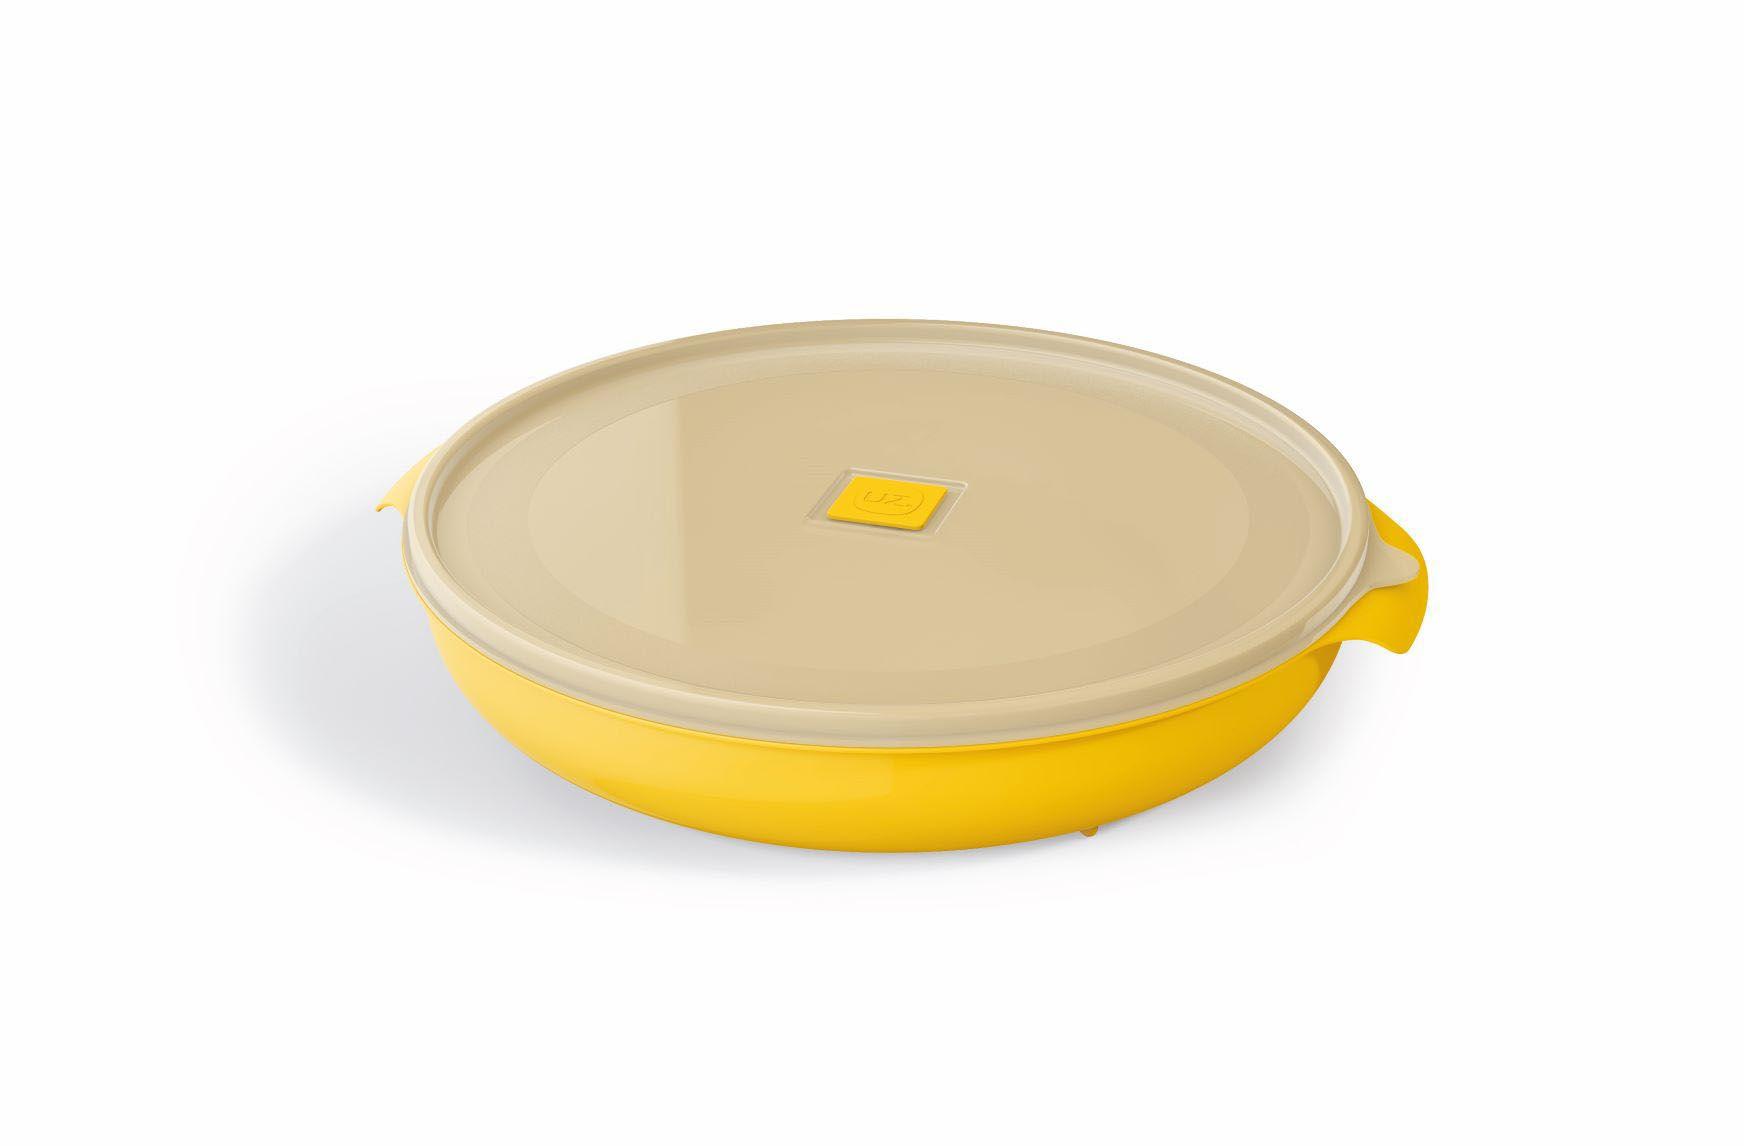 Pote Redondo 2,5 Litros Premium Tampa Transparente UZ - Amarelo